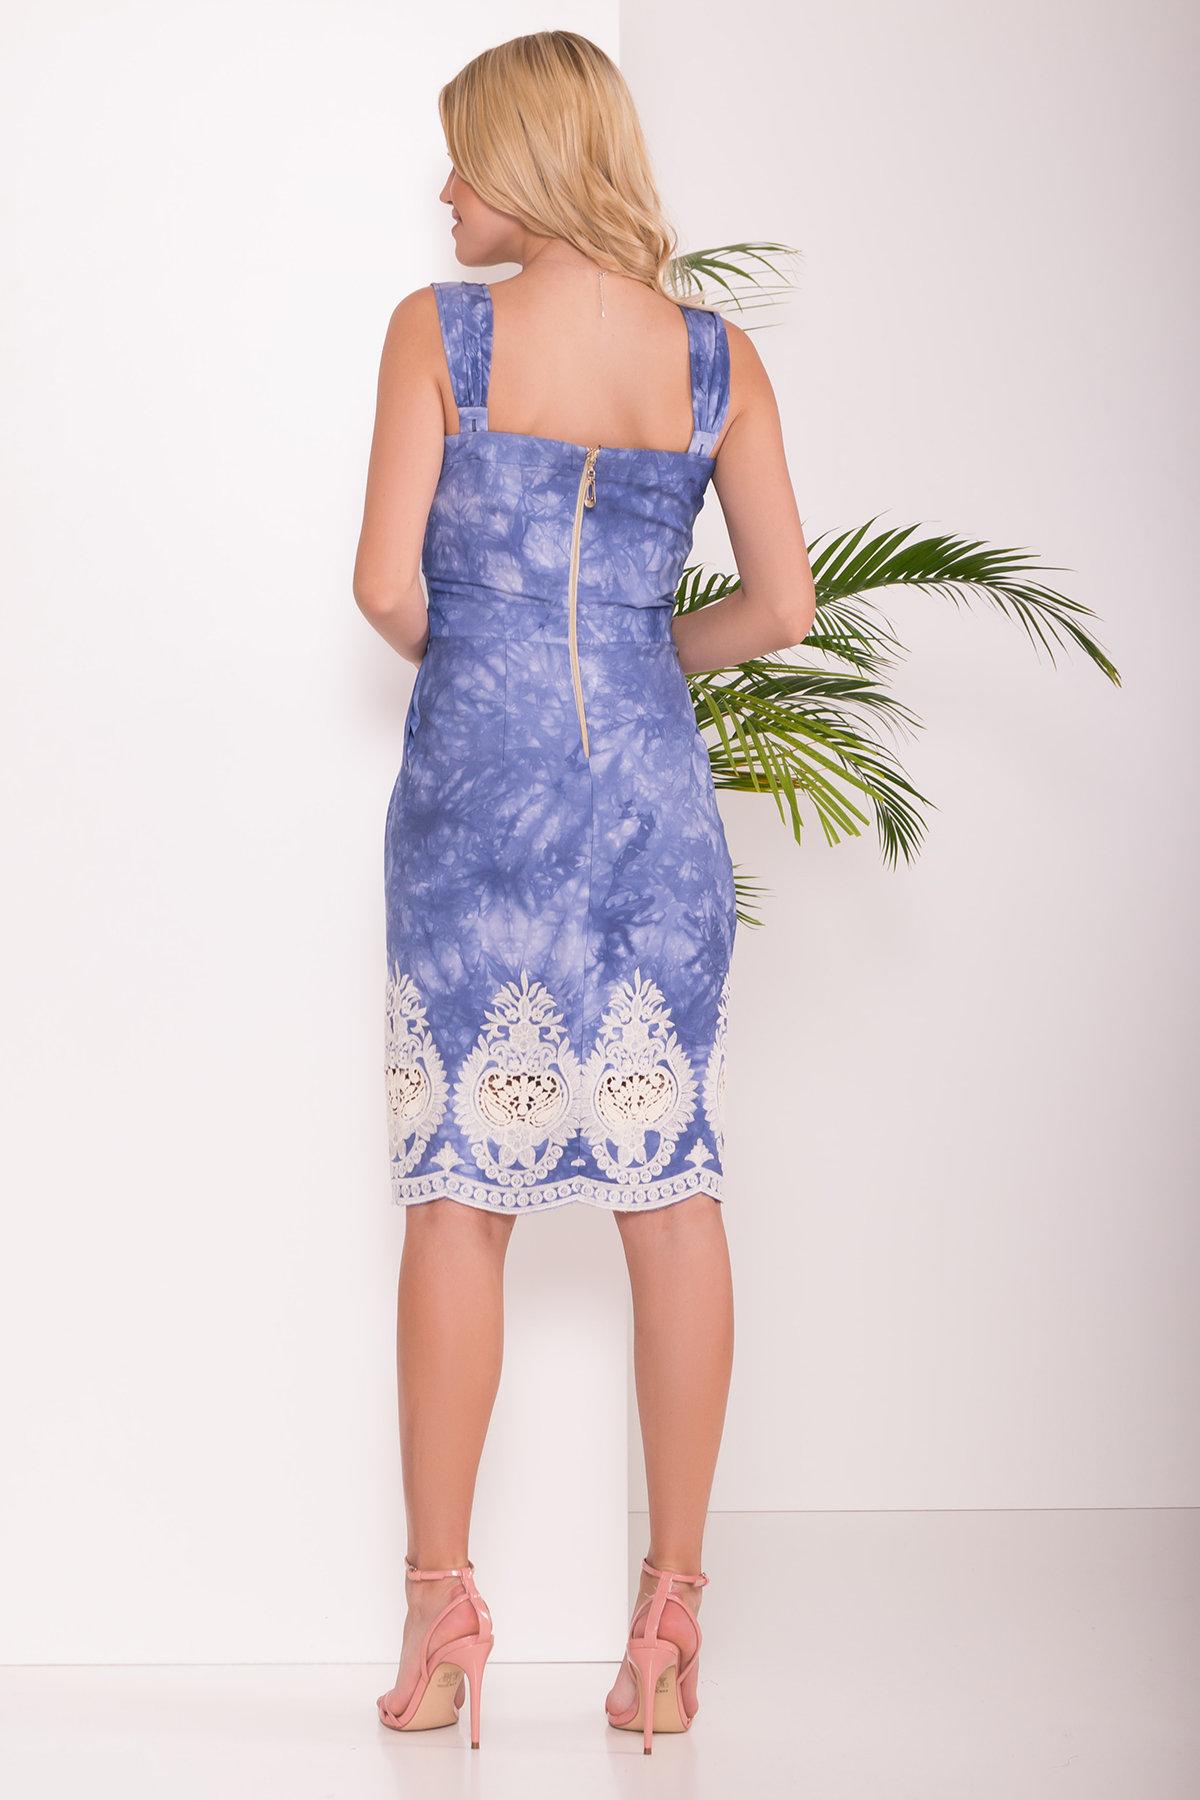 Платье Унгаро 7625 АРТ. 43550 Цвет: Джинс варенка Вензеля молоко - фото 2, интернет магазин tm-modus.ru